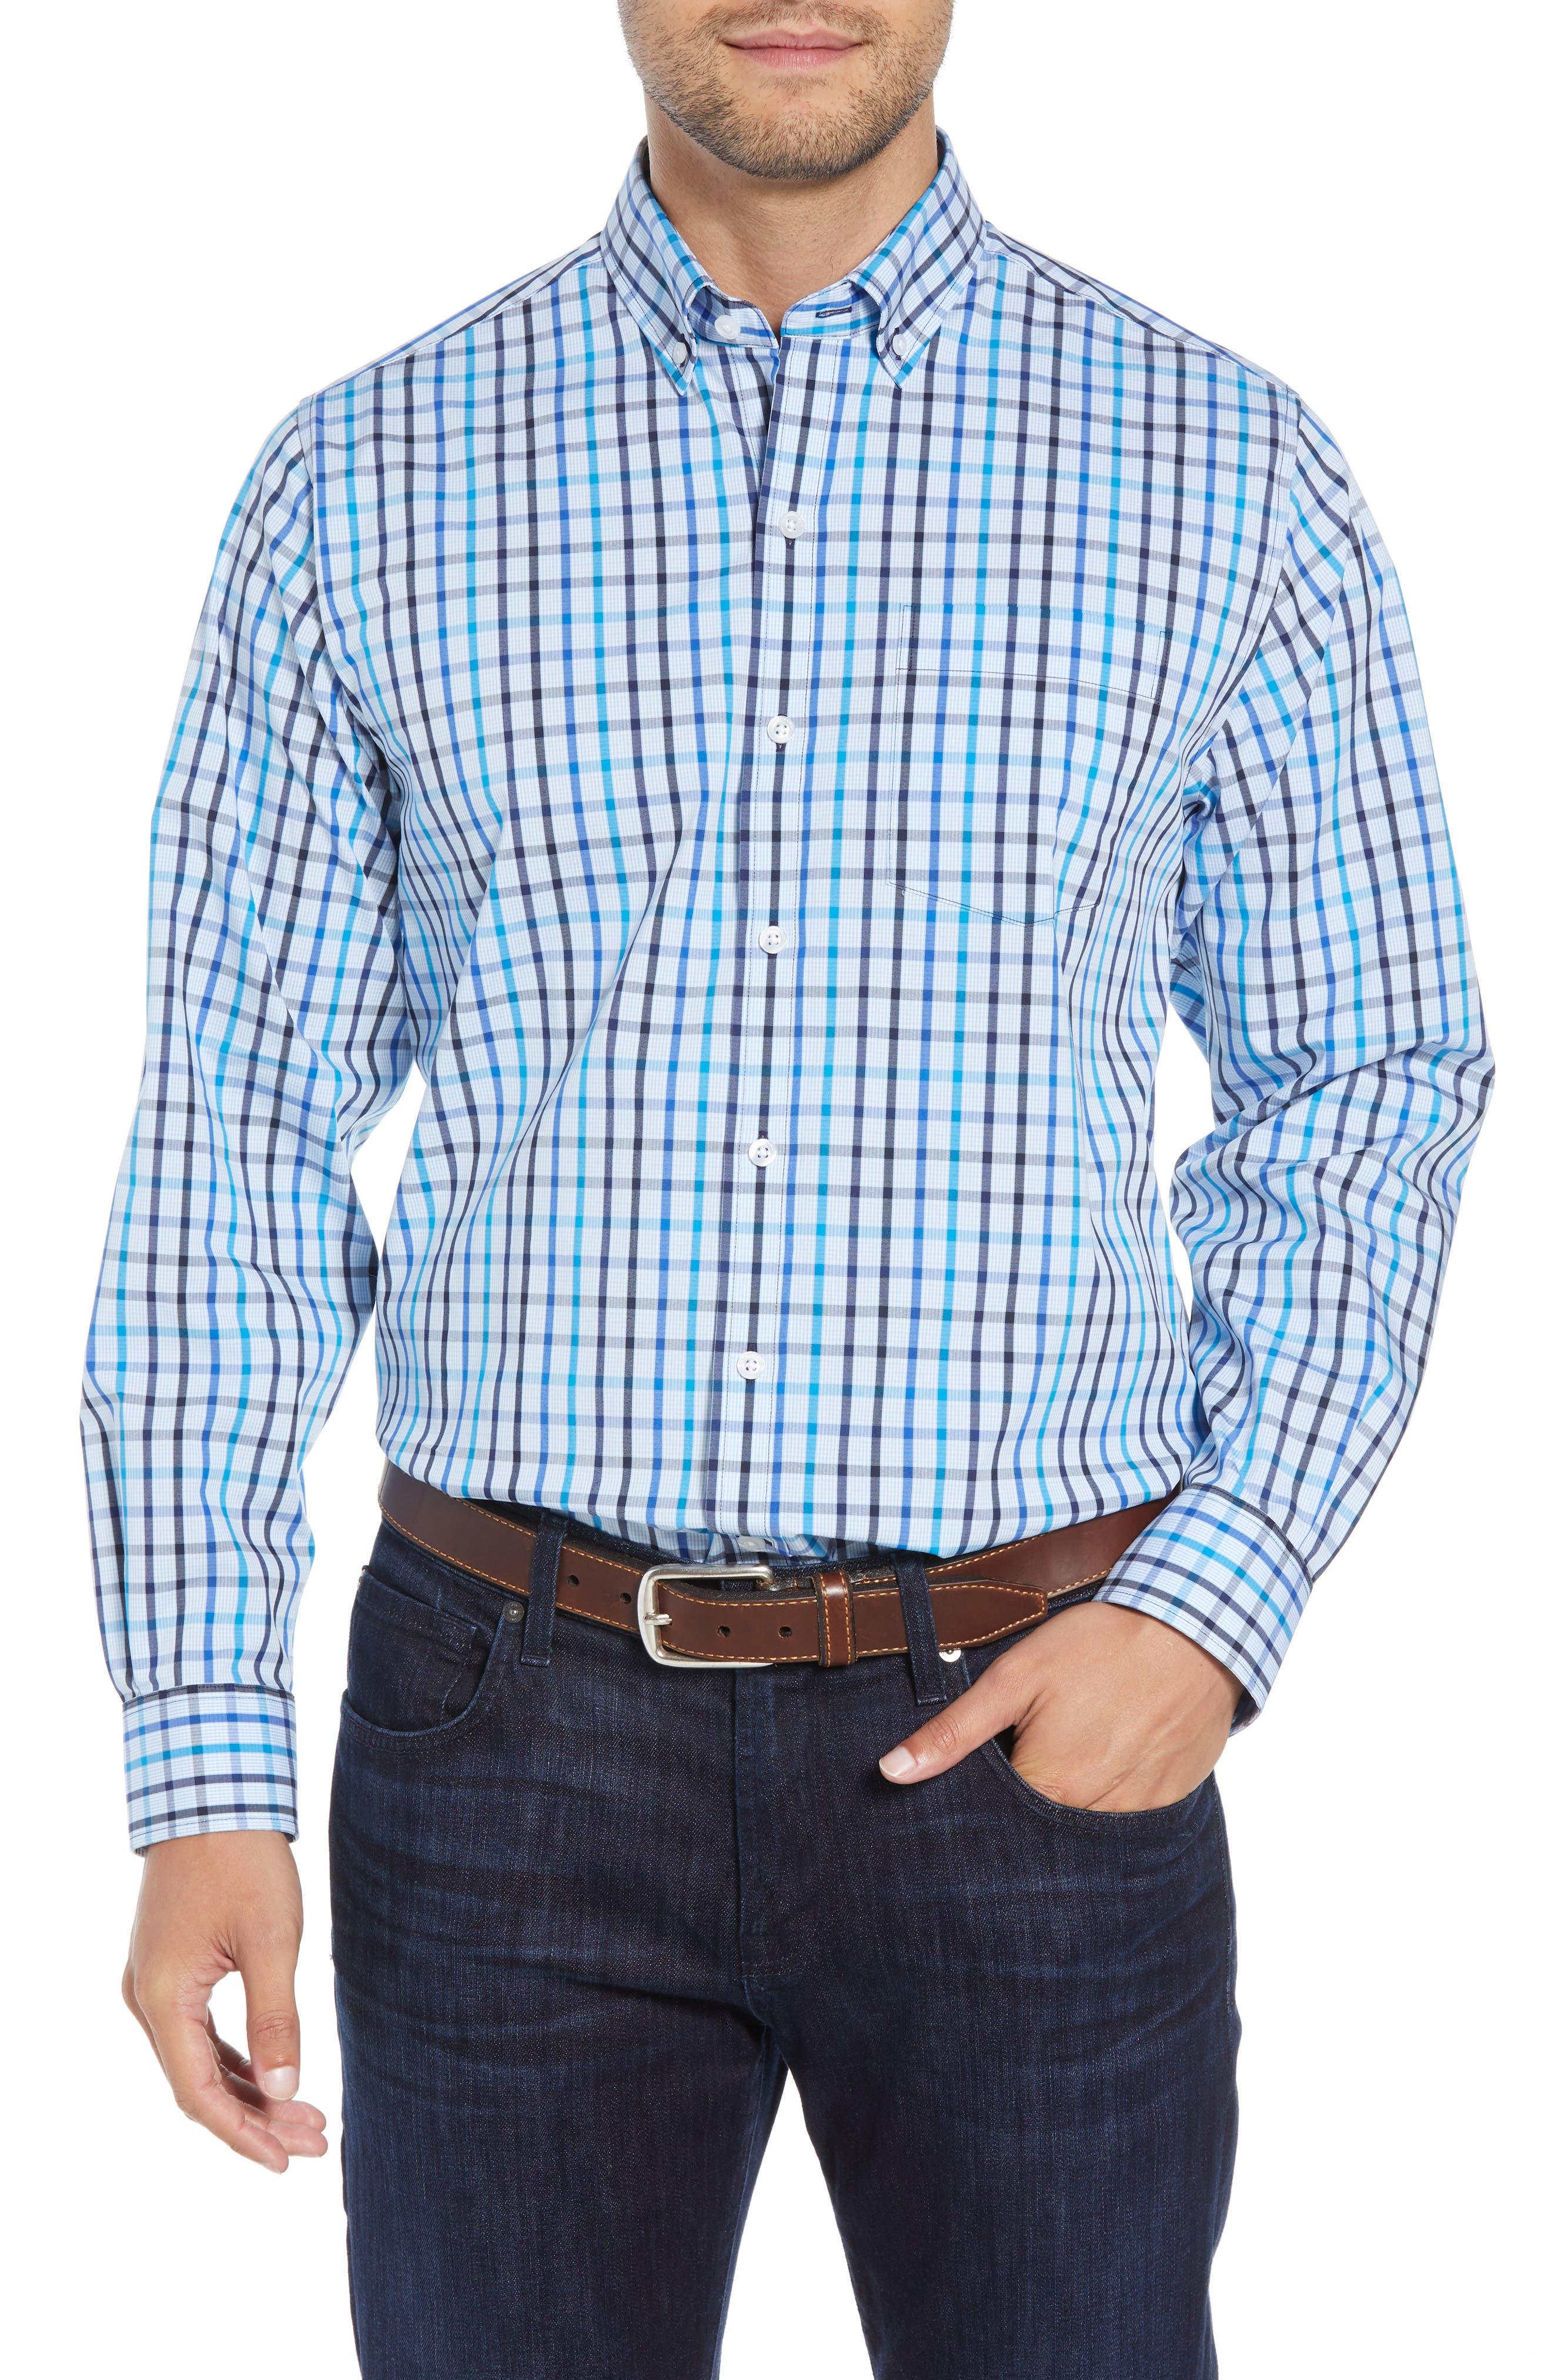 Clarence Regular Fit Plaid Sport Shirt,                         Main,                         color, LIBERTY NAVY